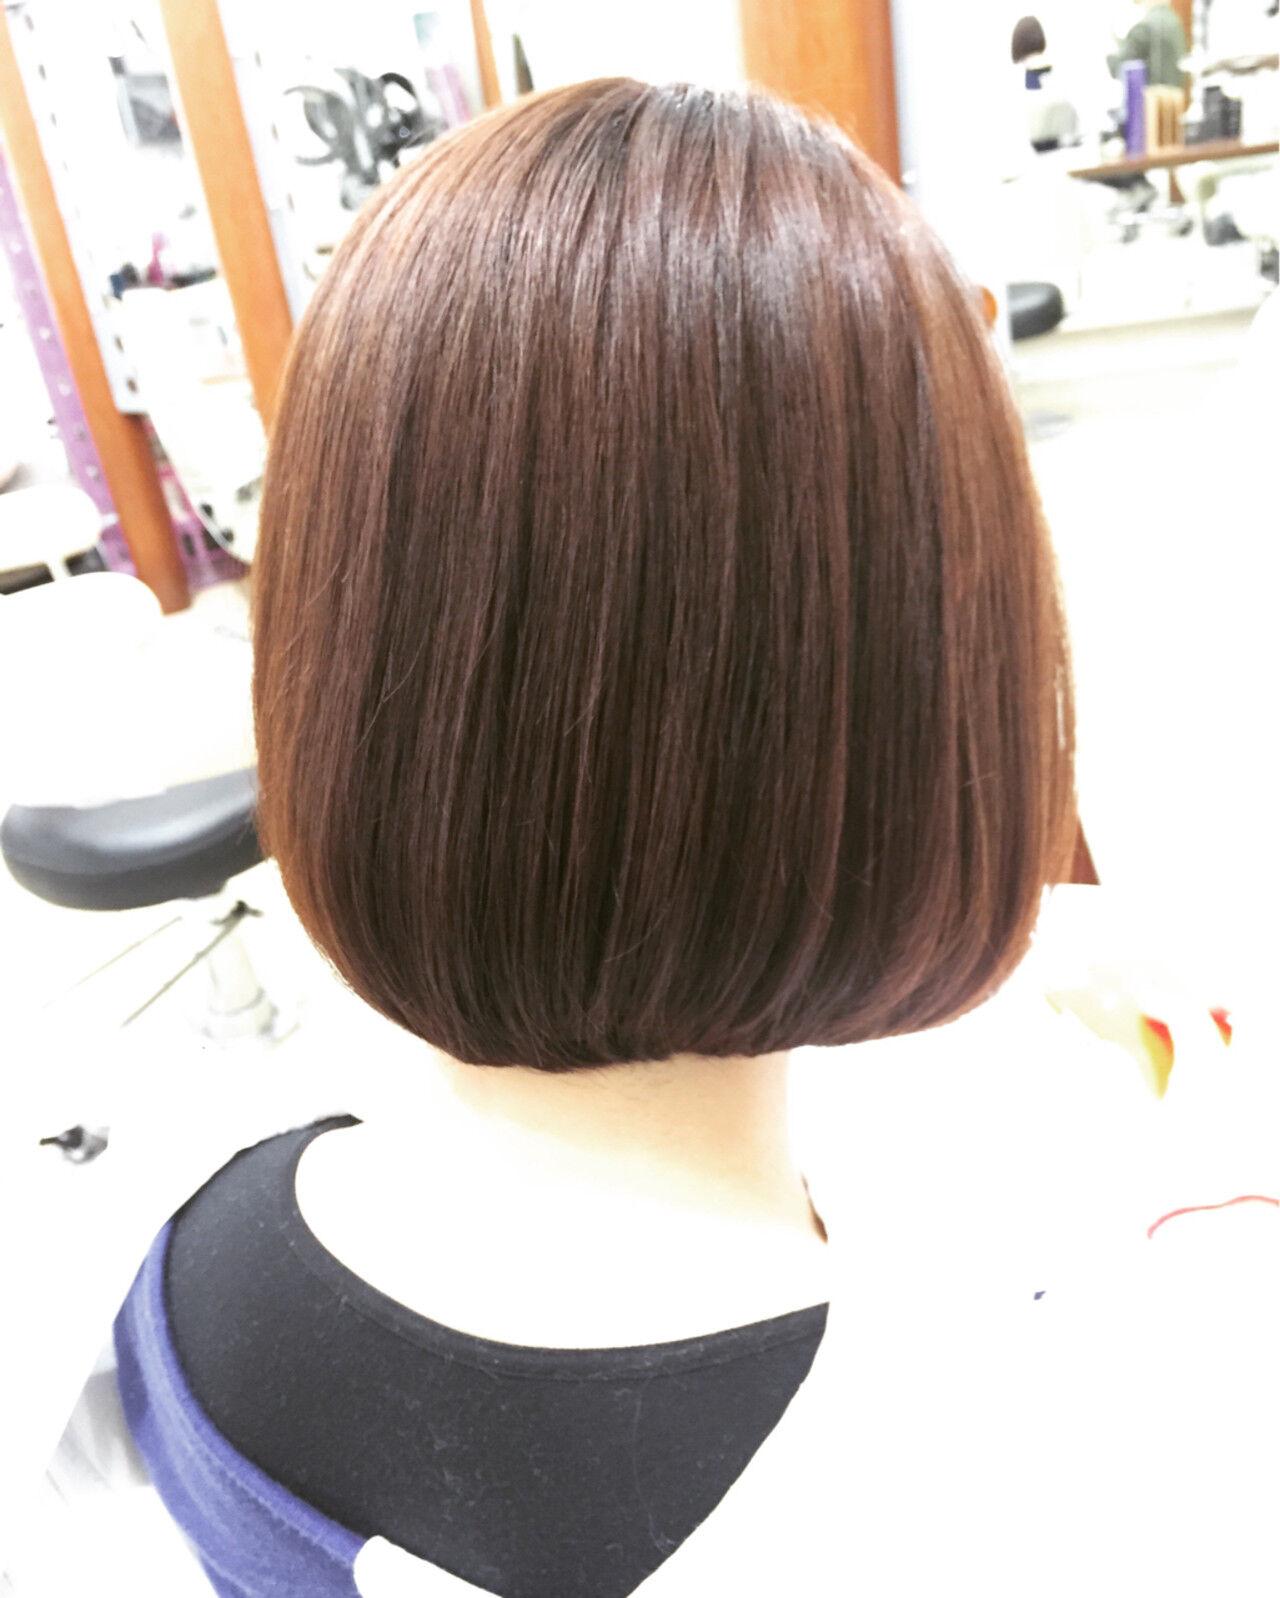 ボブ ハイライト 前下がり ブラウンヘアスタイルや髪型の写真・画像